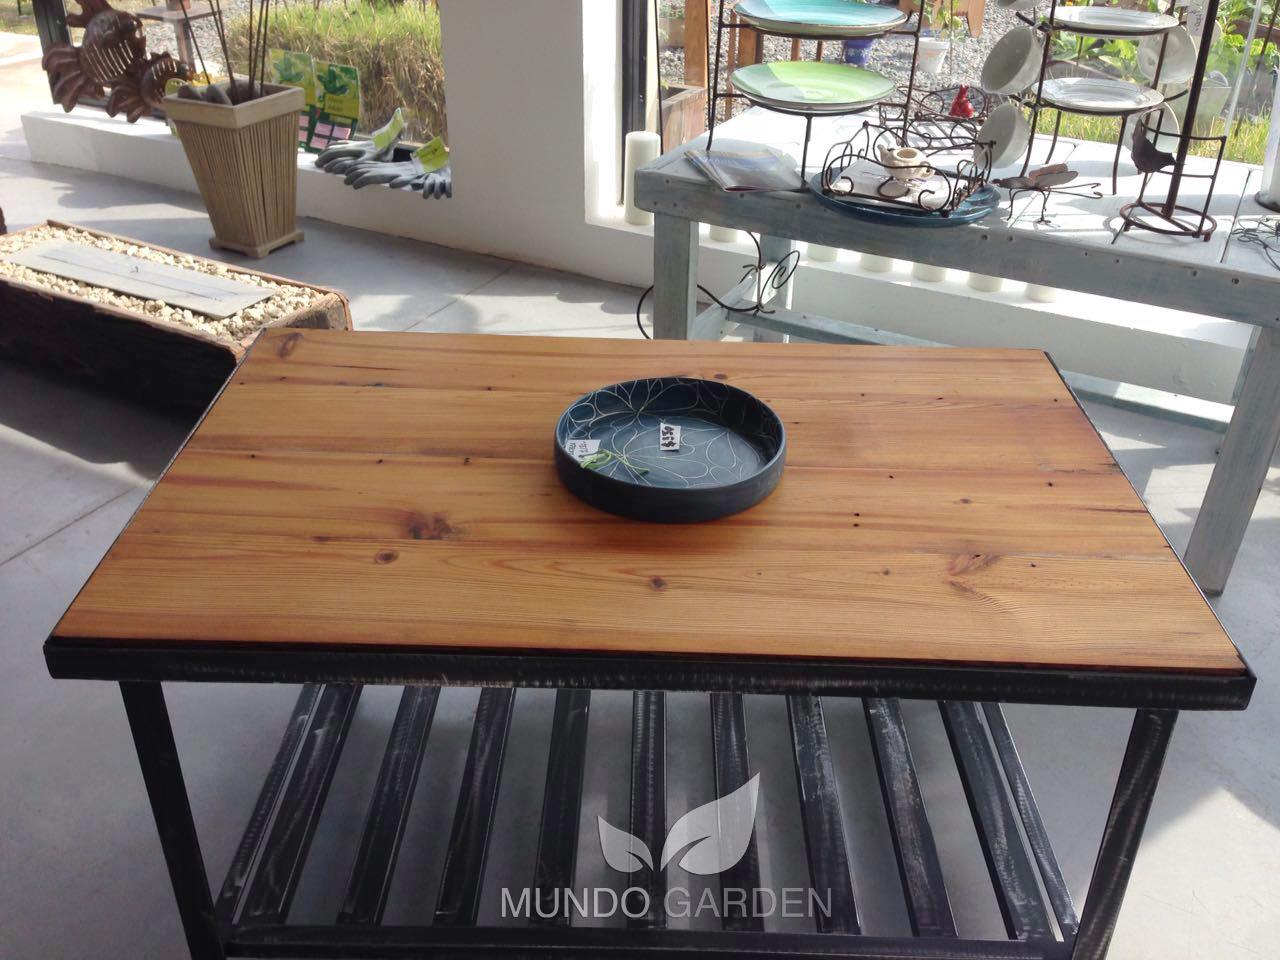 Mundo garden mesa ratona madera y hierro for Mesas de hierro forjado y madera